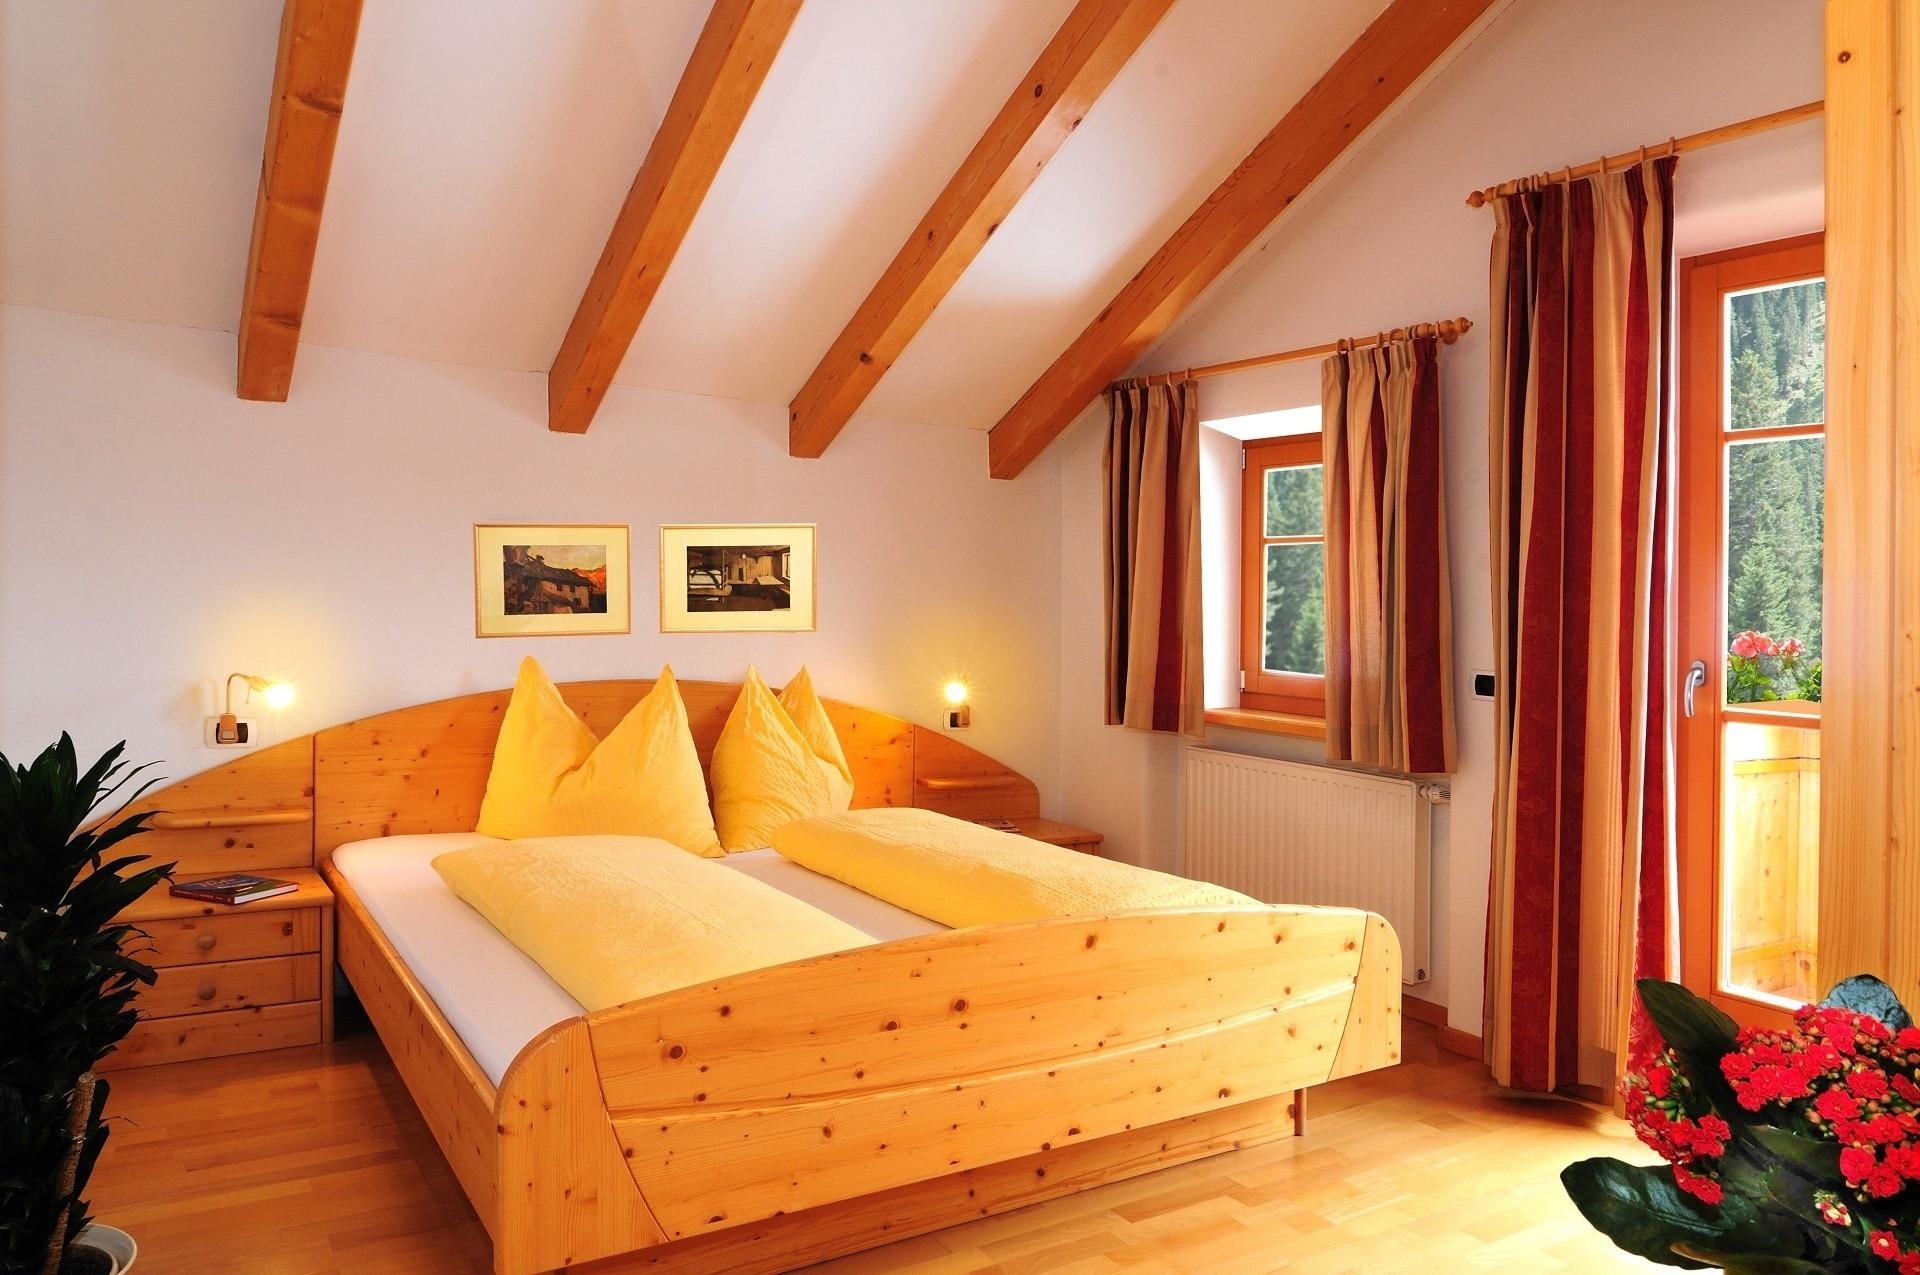 Ferienwohnung Oberplunerhof Chaletapartment Gitschberg (2701876), Kiens (Chienes), Pustertal, Trentino-Südtirol, Italien, Bild 4